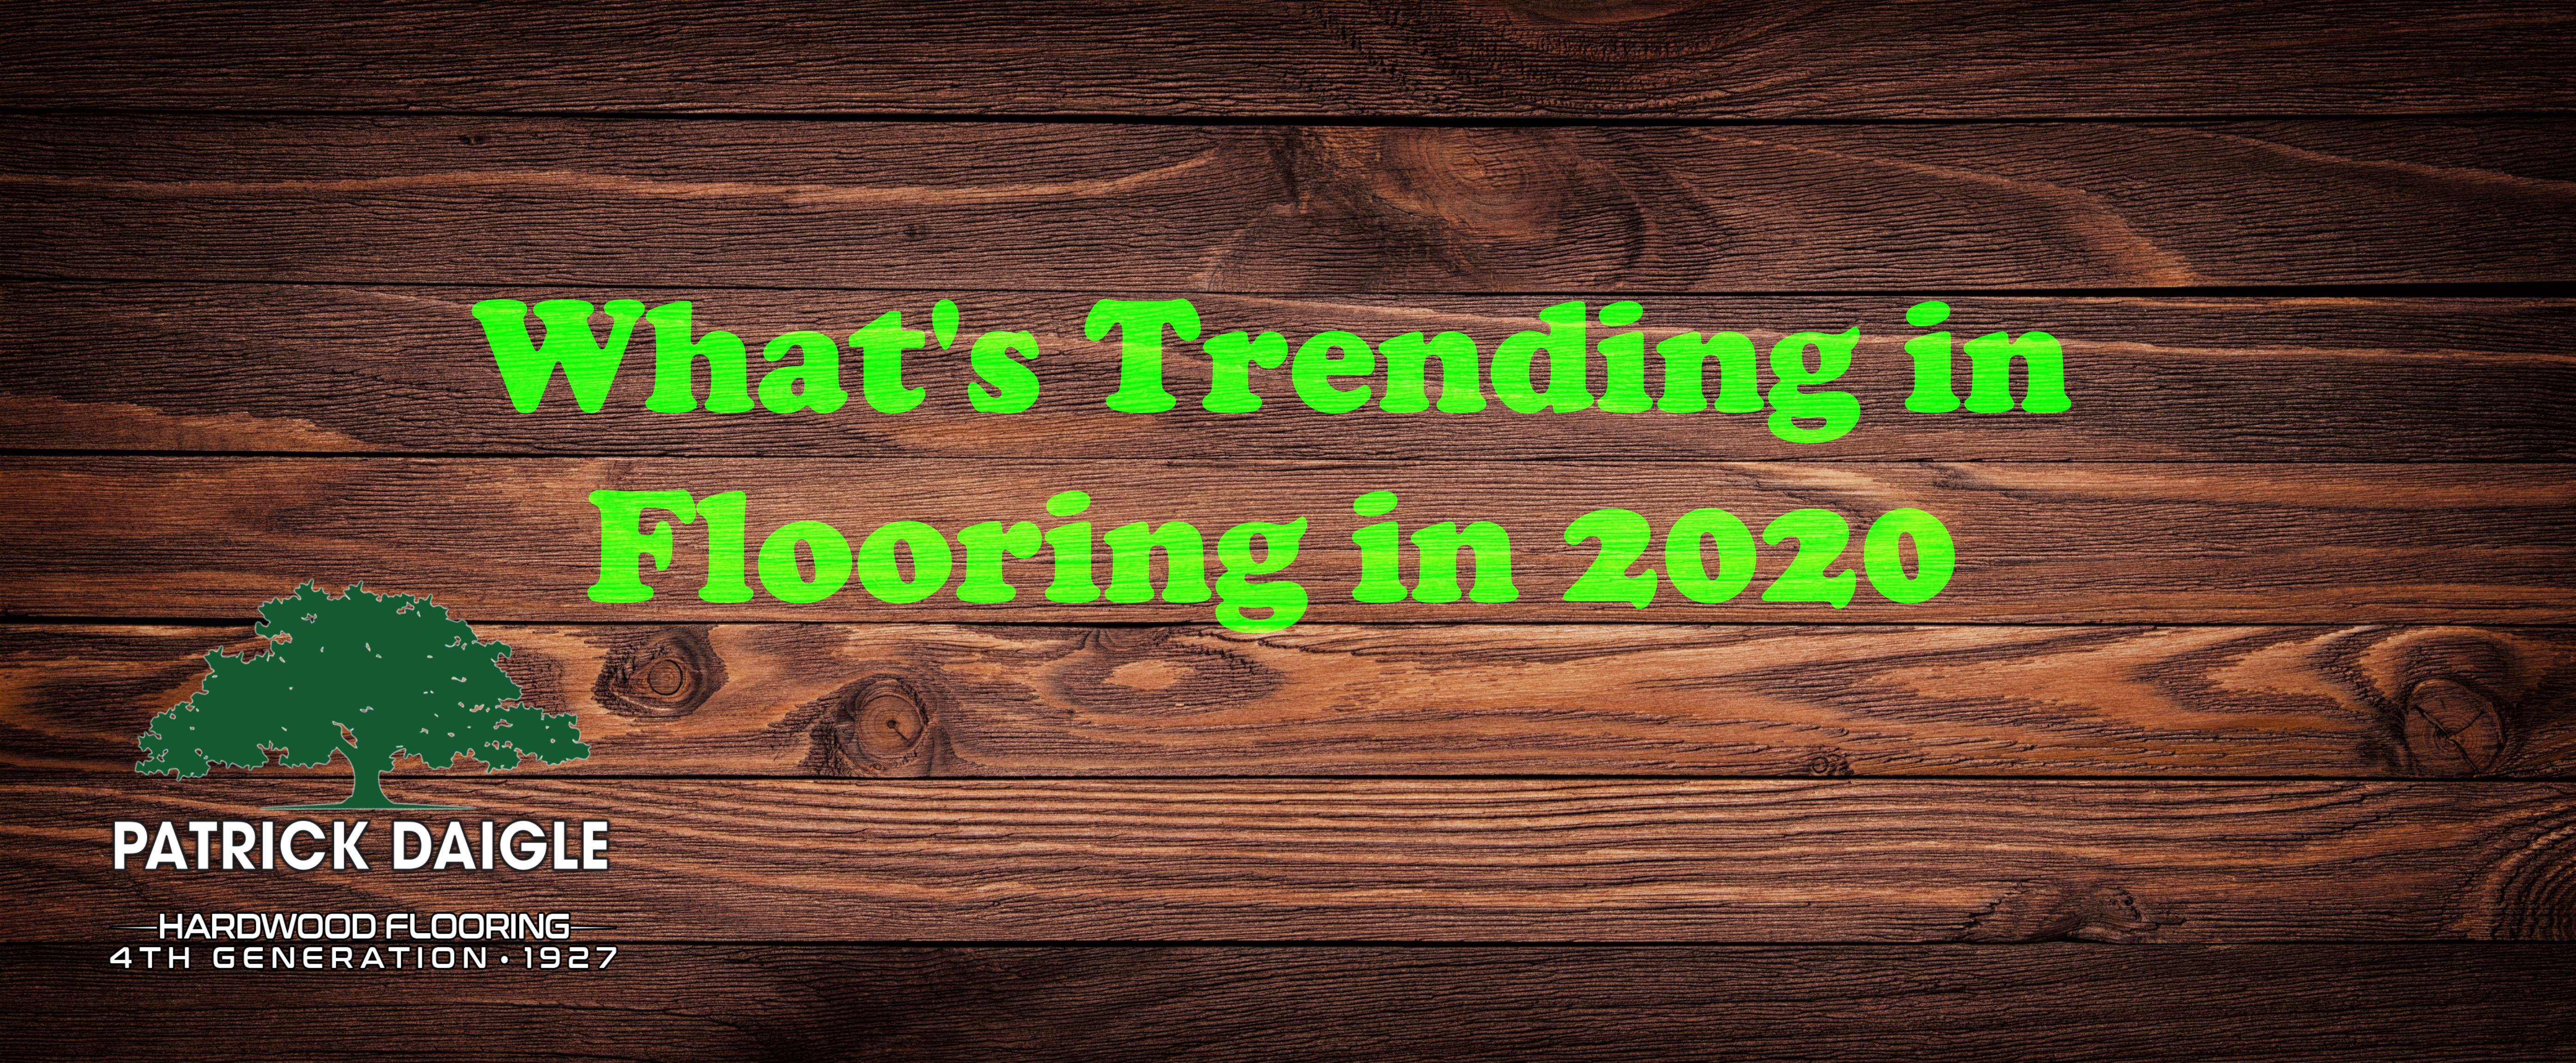 Whats Trending in Flooring in 2020